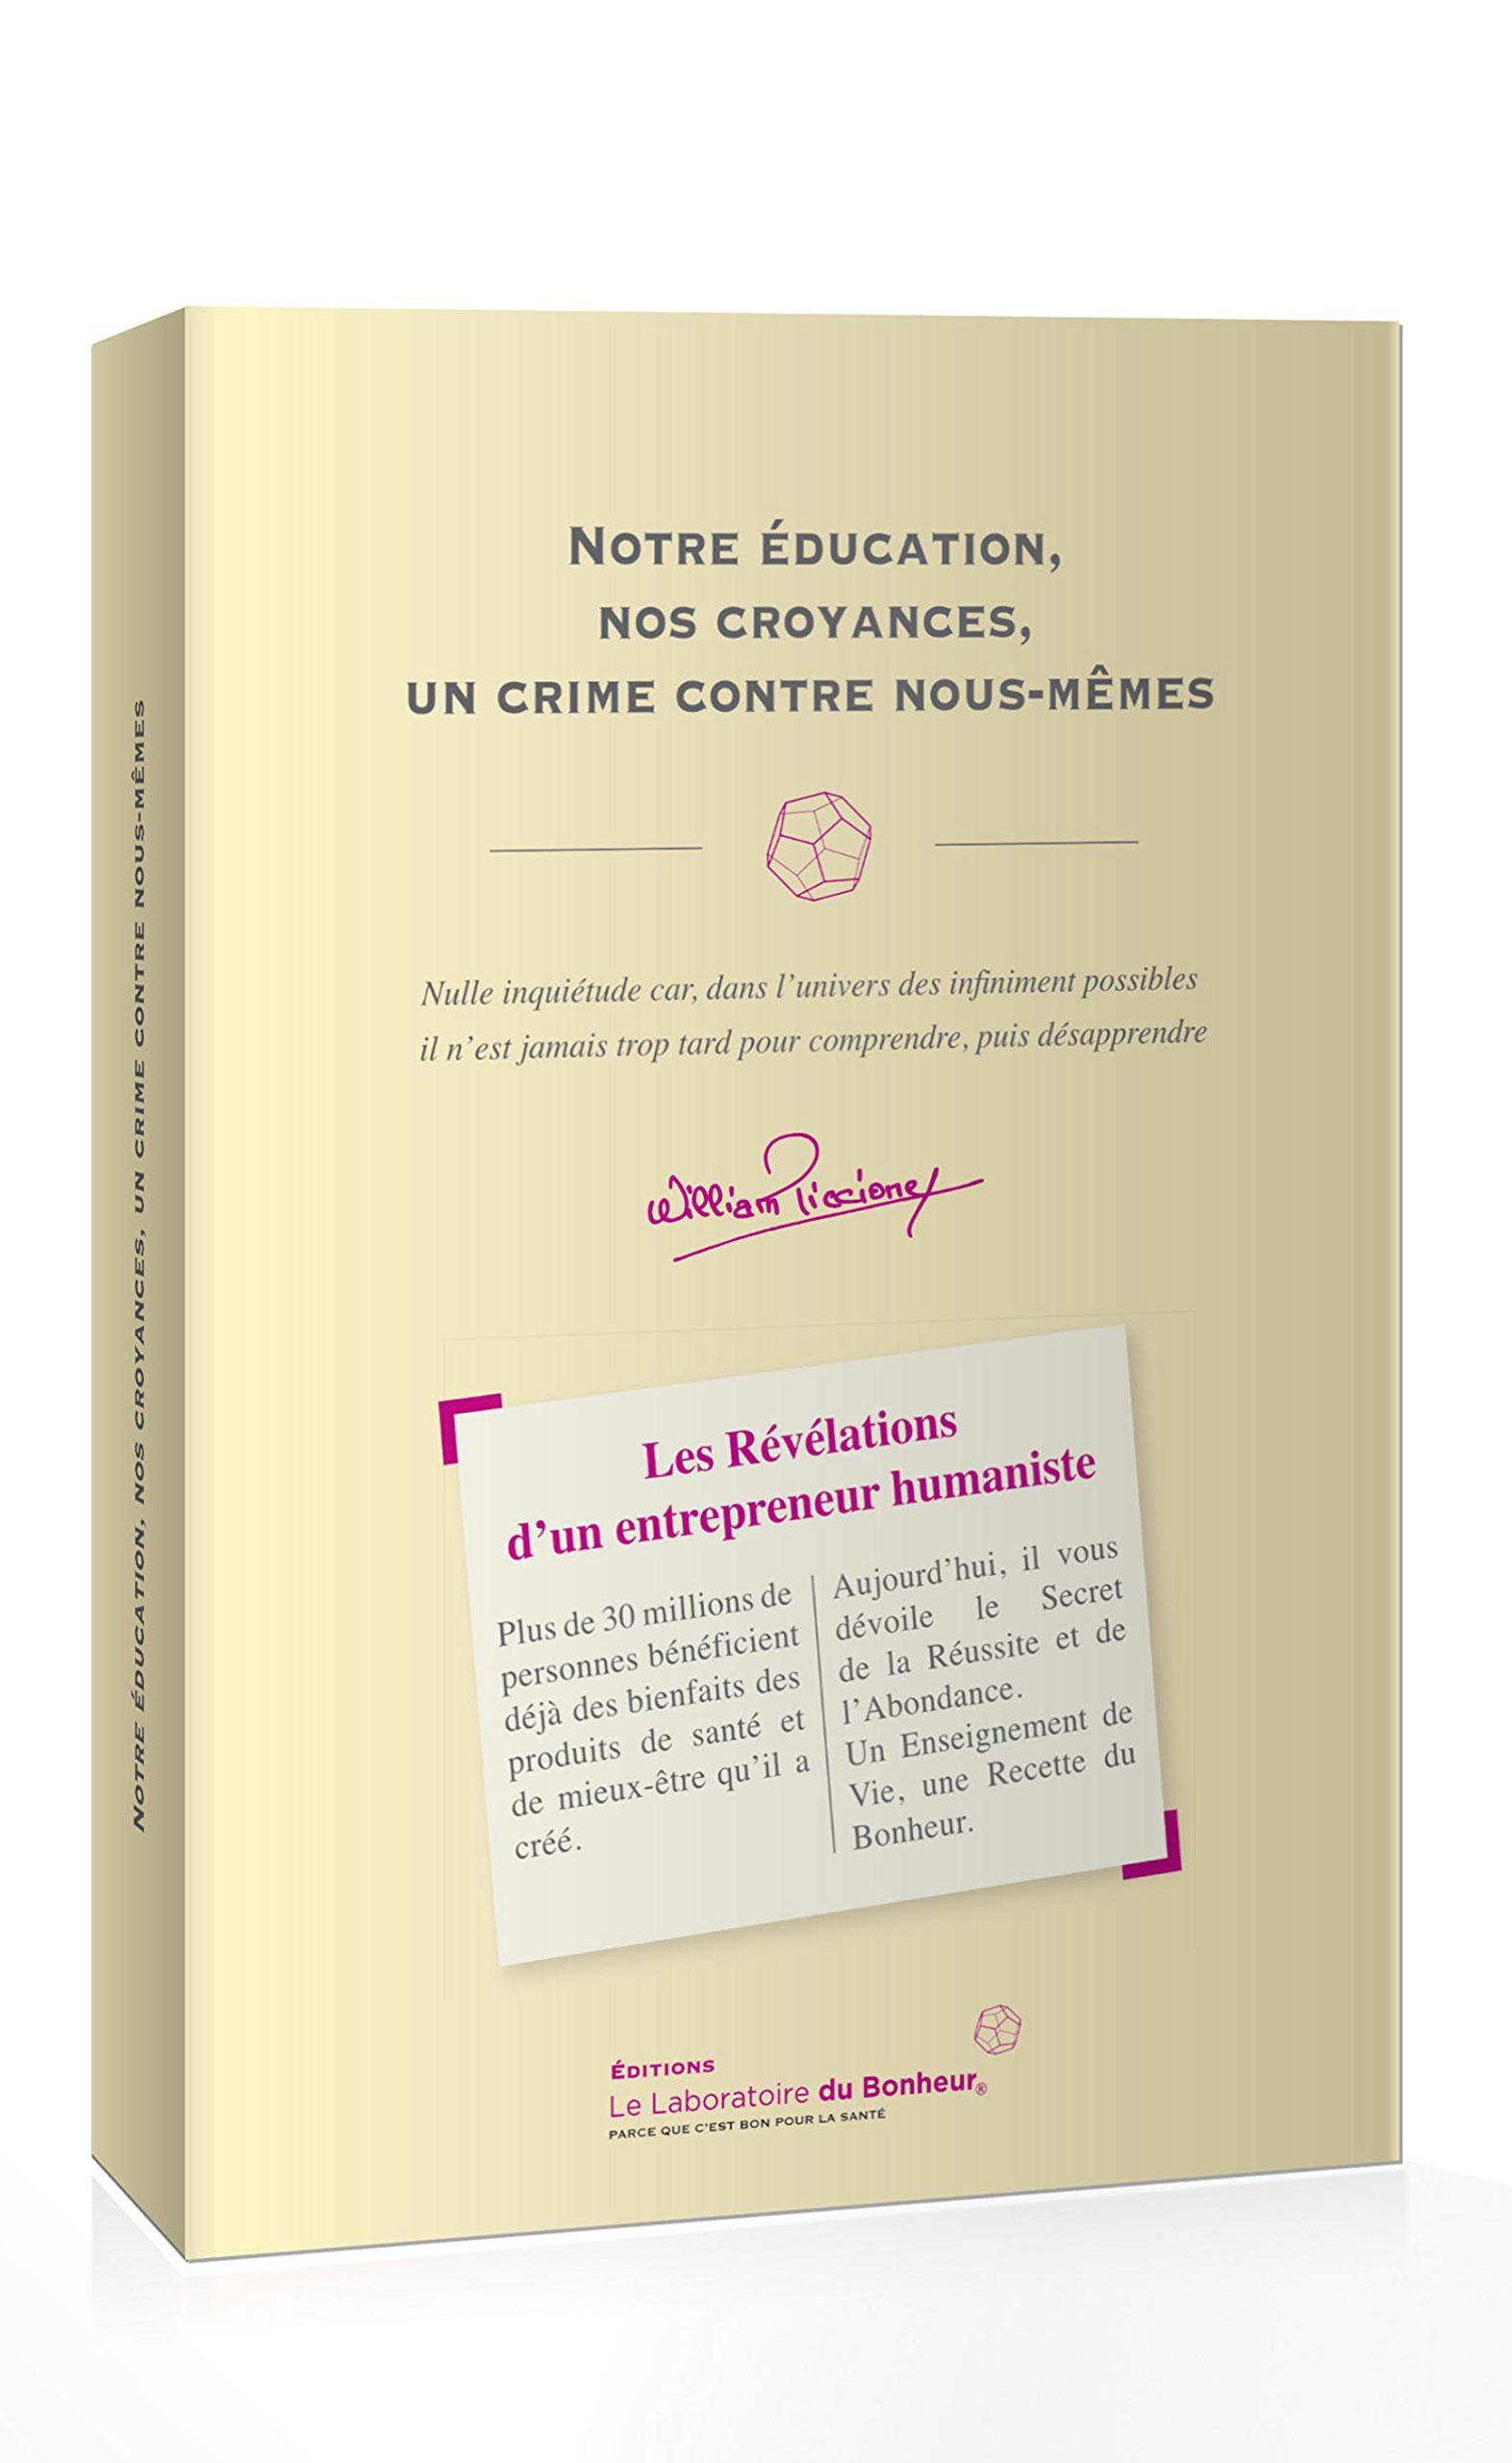 Notre éducation, nos croyances, un crime contre nous même, le nouveau livre de william Piccione. Les révélation d'un entrepreneur humaniste.